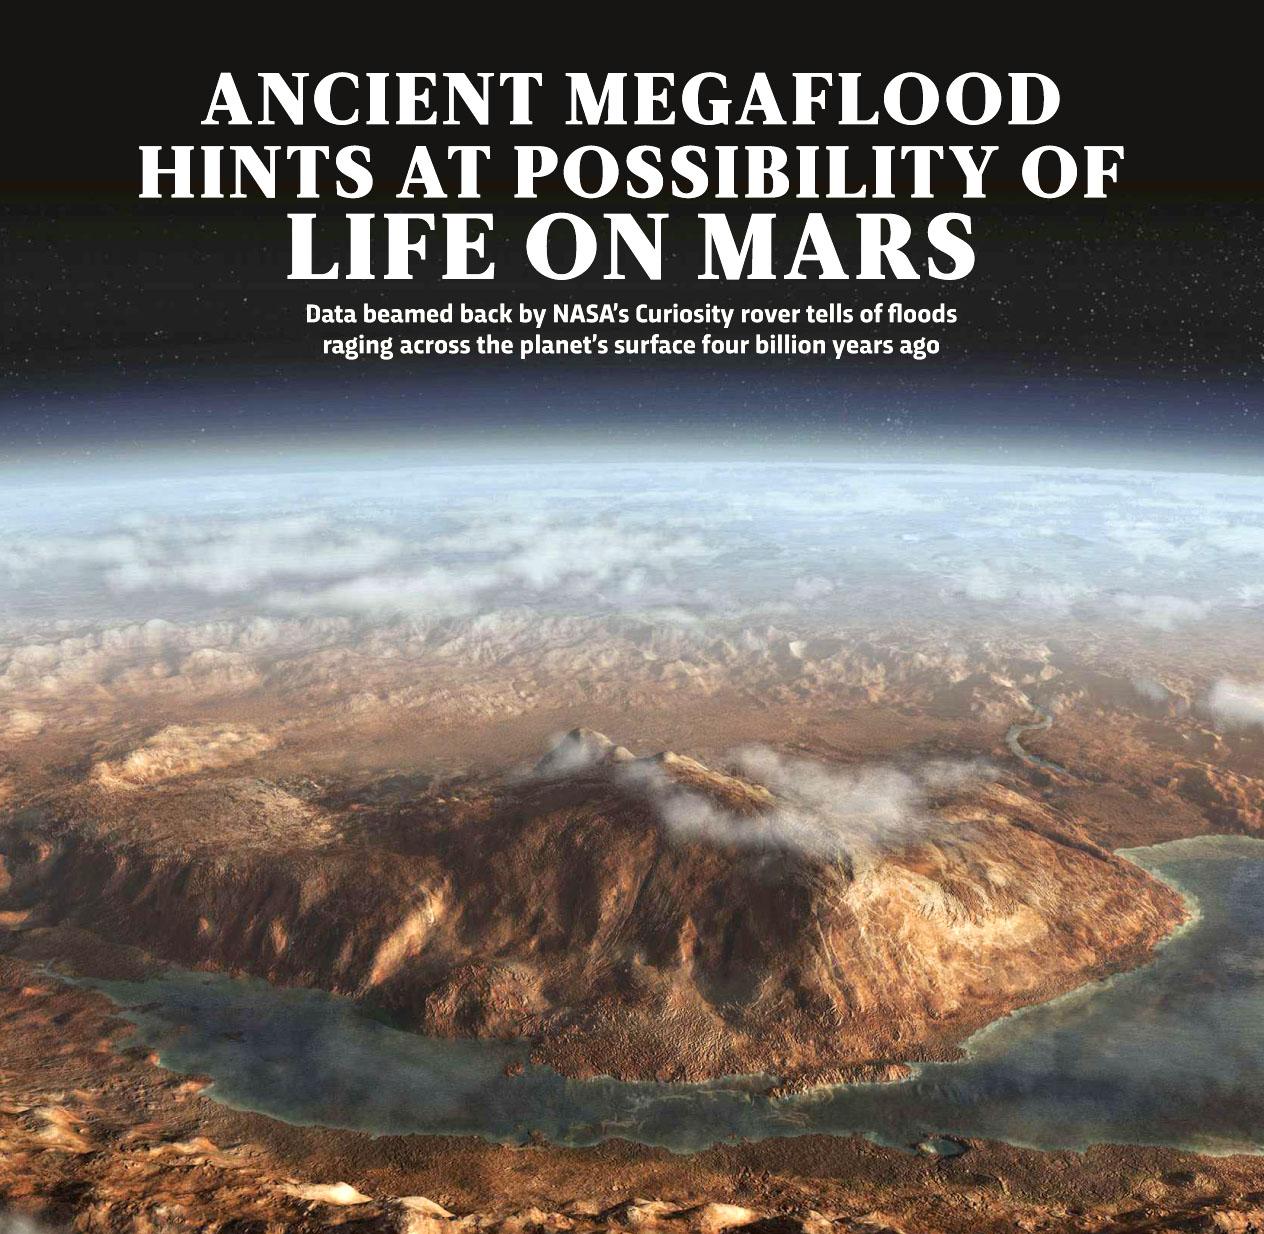 Science Focus 2021 New Year Mars 01.jpg